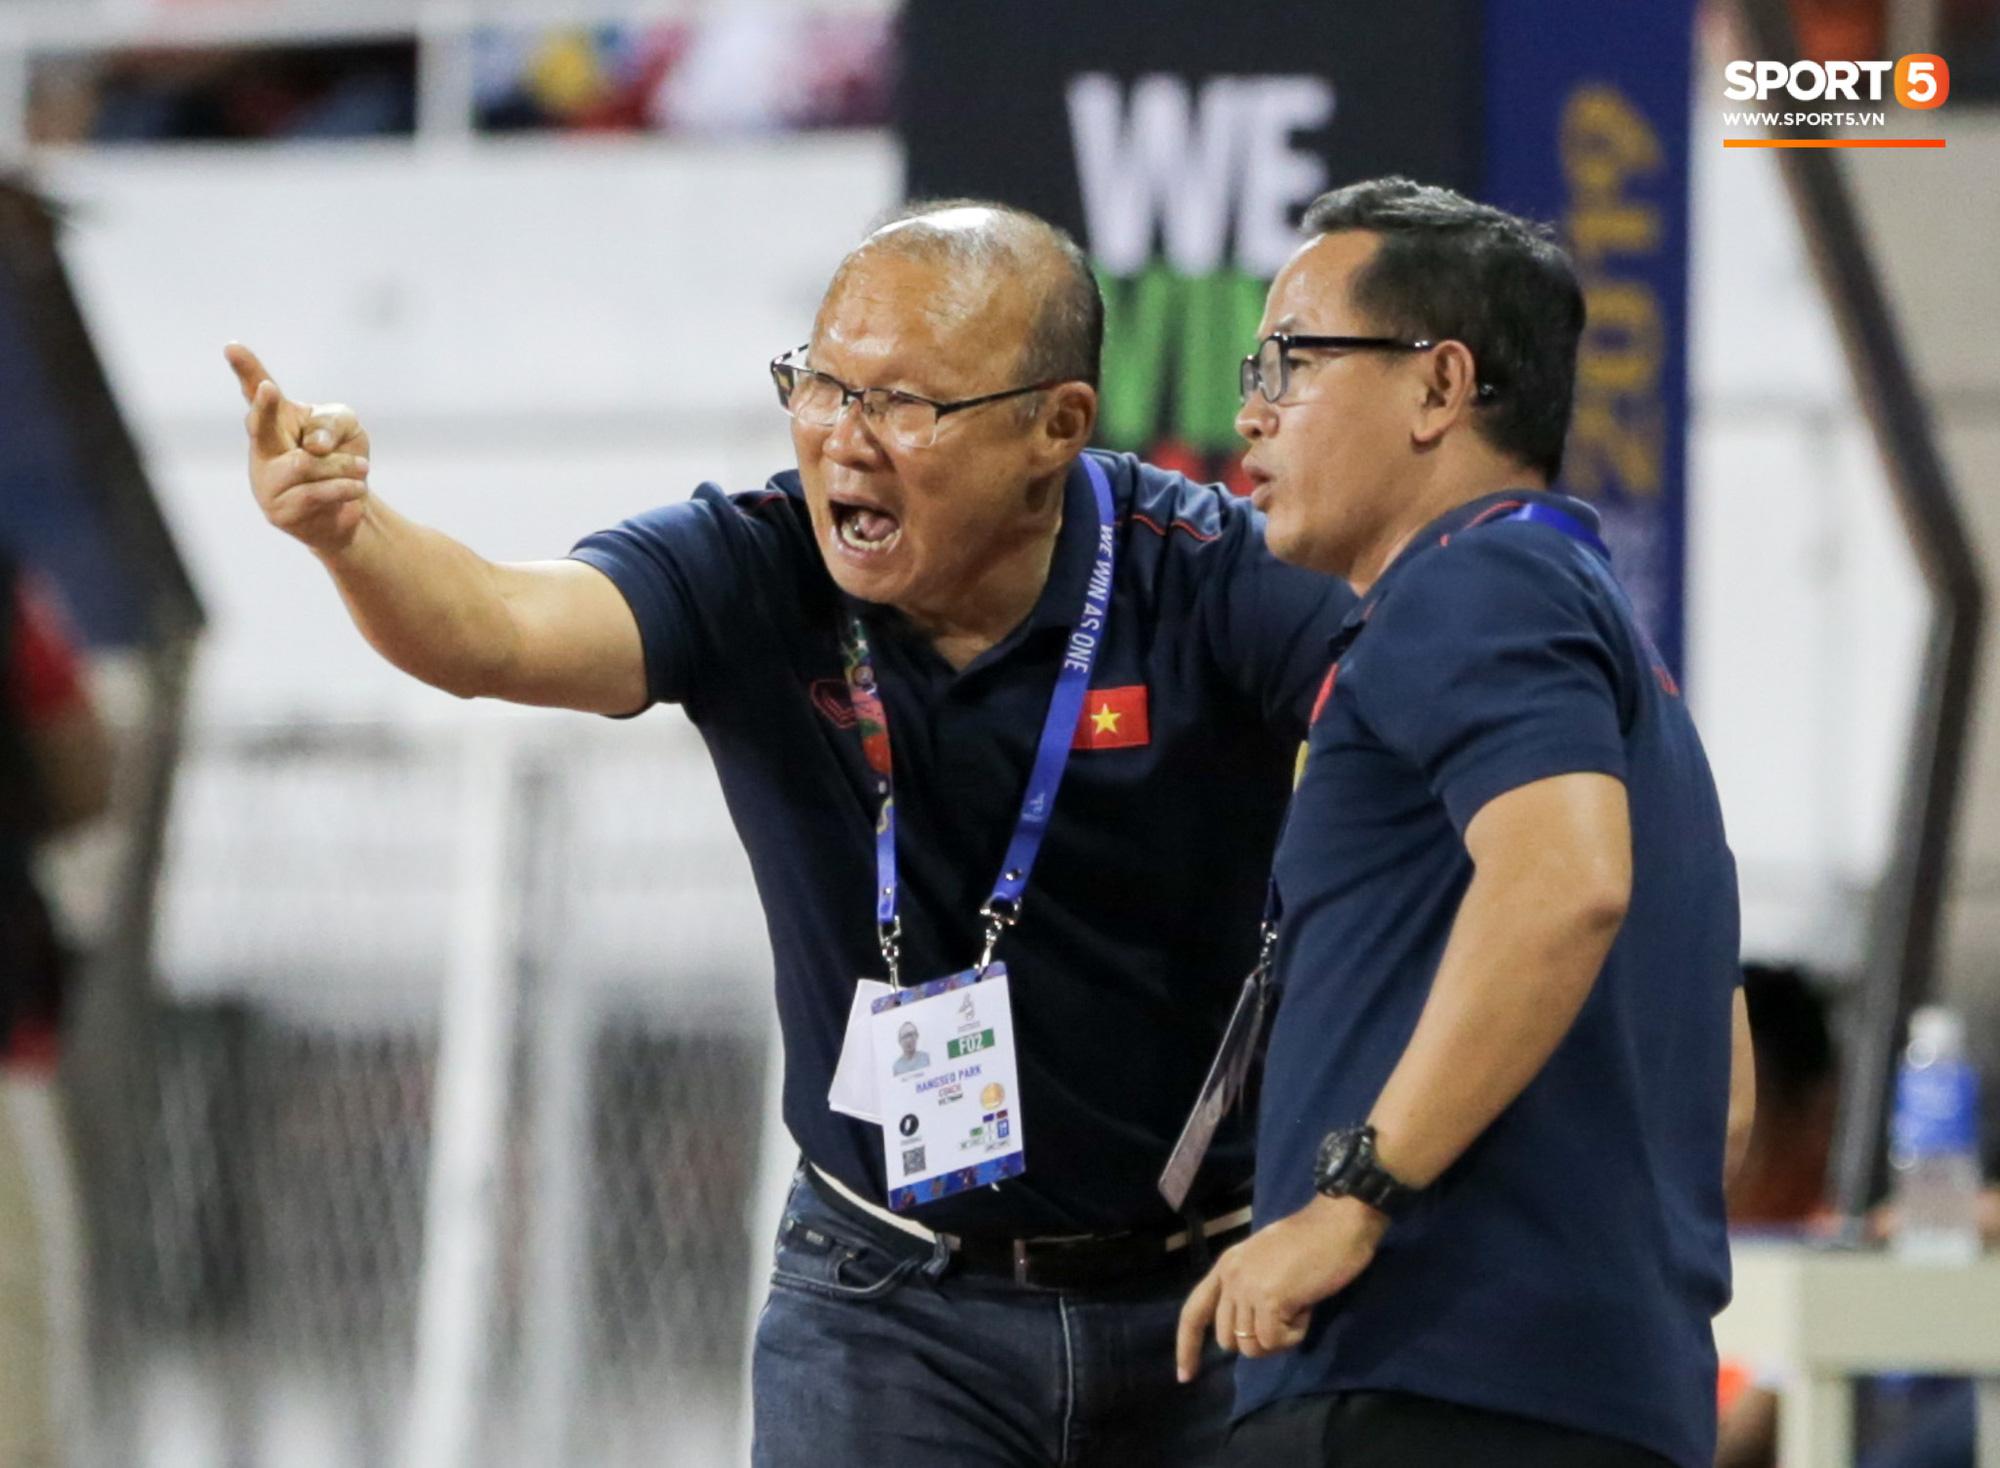 Hình ảnh vừa buồn cười, vừa thương khi bác sĩ của U22 Việt Nam hối hả tiếp nước cho cầu thủ ở trận thắng Indonesia - Ảnh 7.